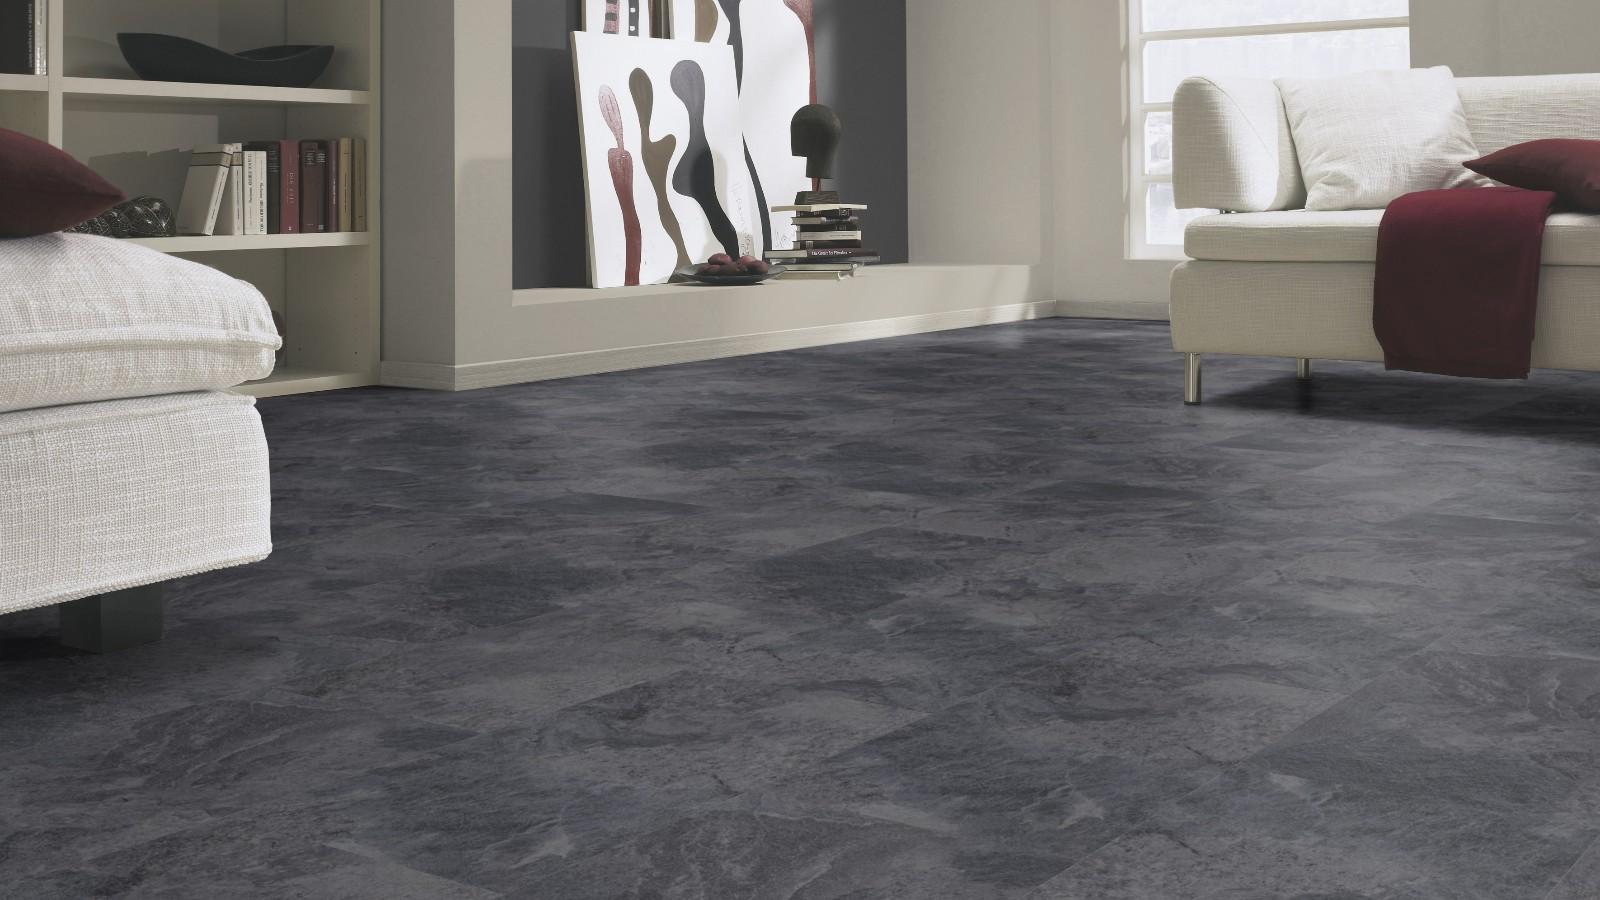 Pavimento Grigio Antracite : Otmar floor srl pavimenti e rivestimenti piastrelle bagno grigio